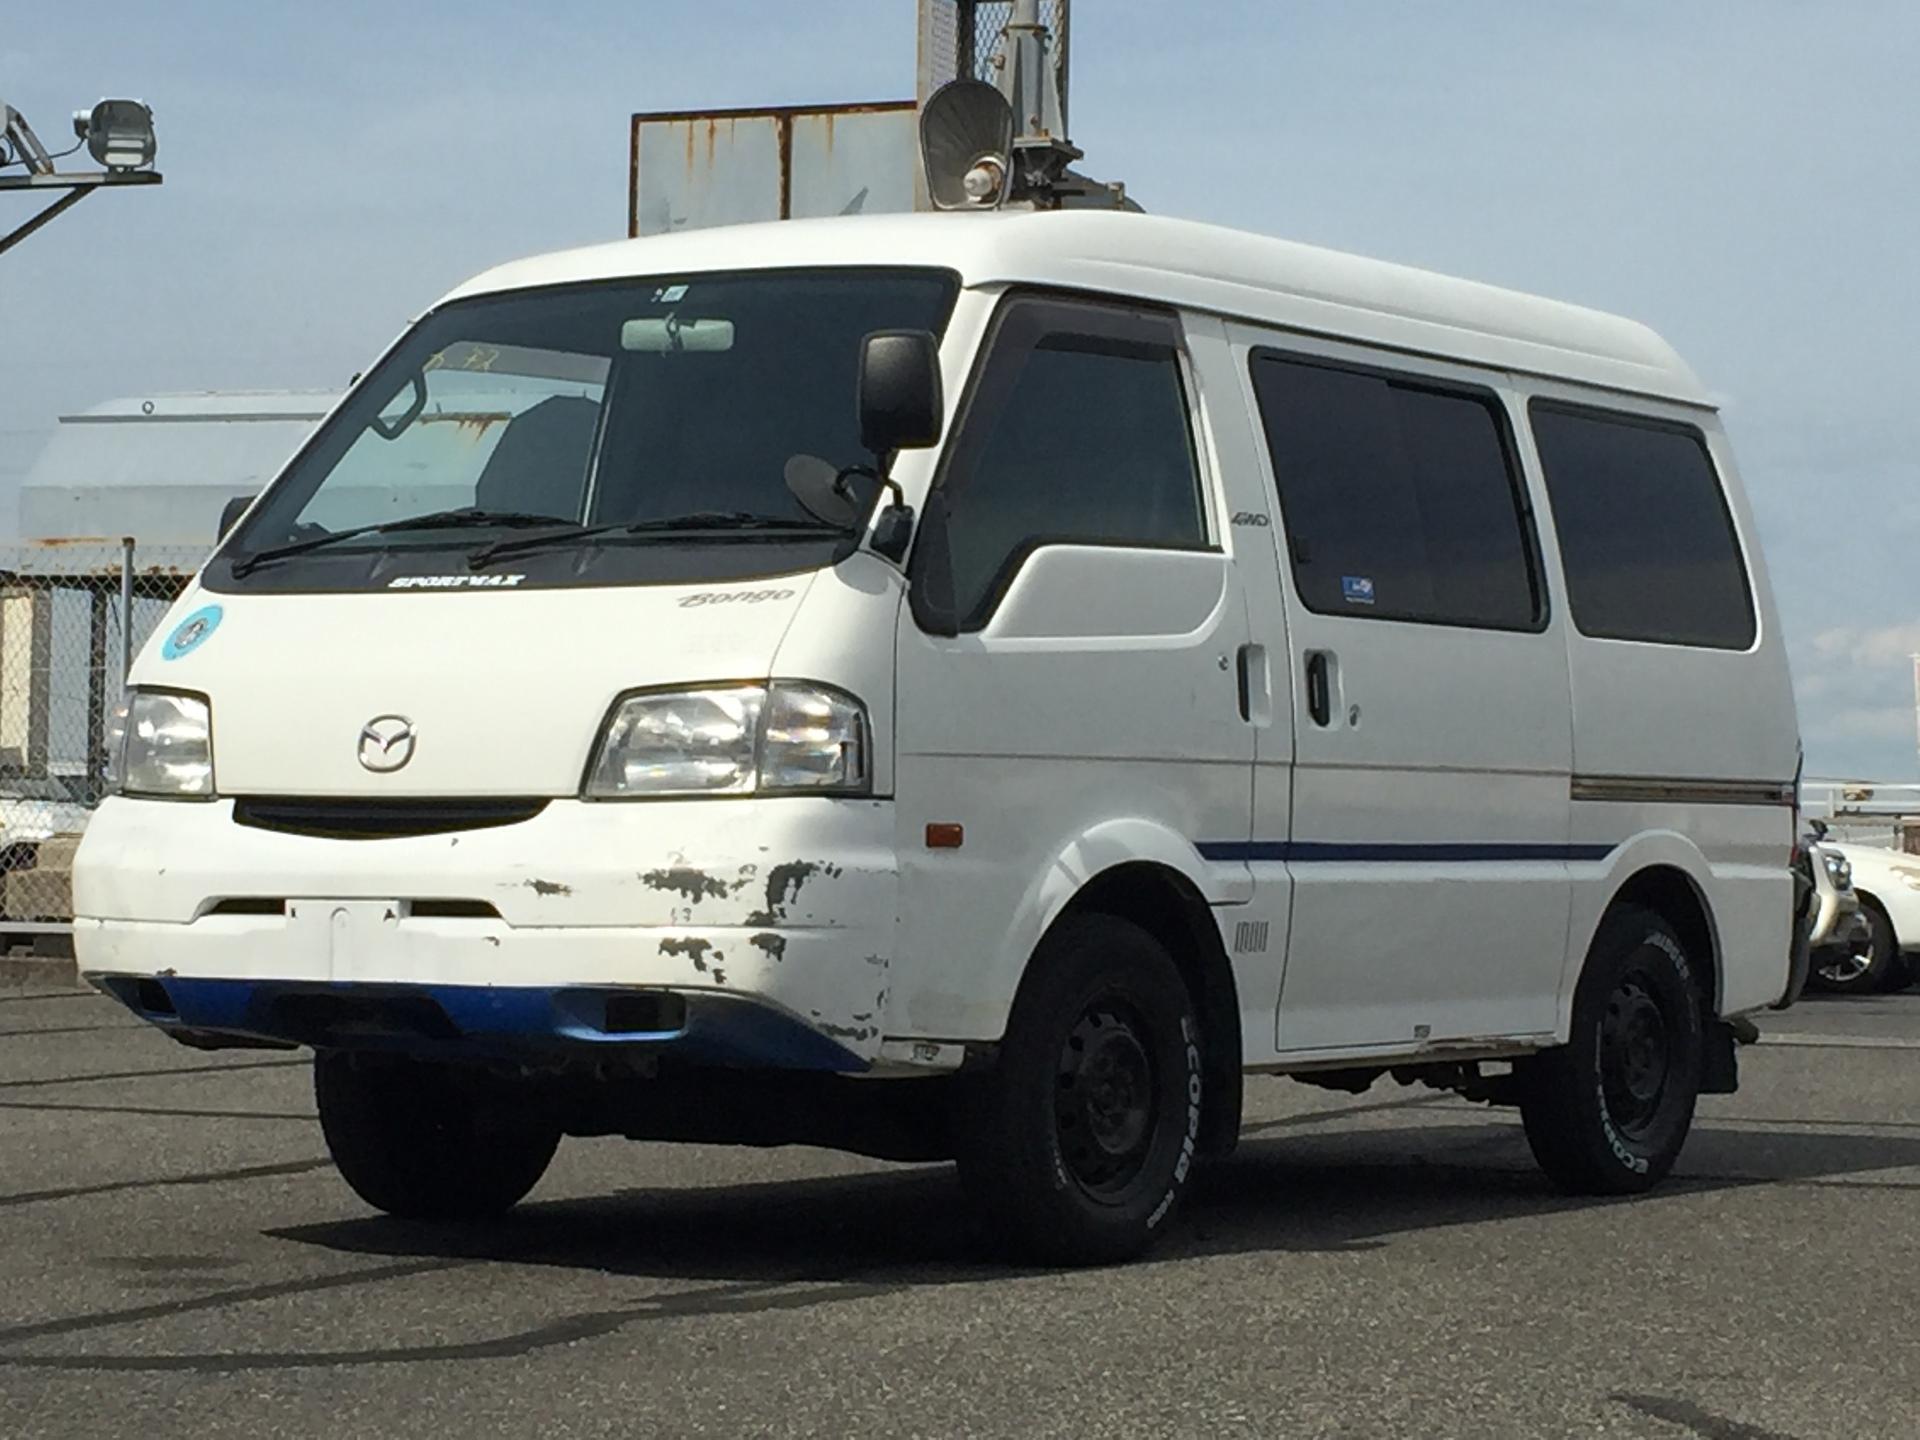 B25050050 pht01